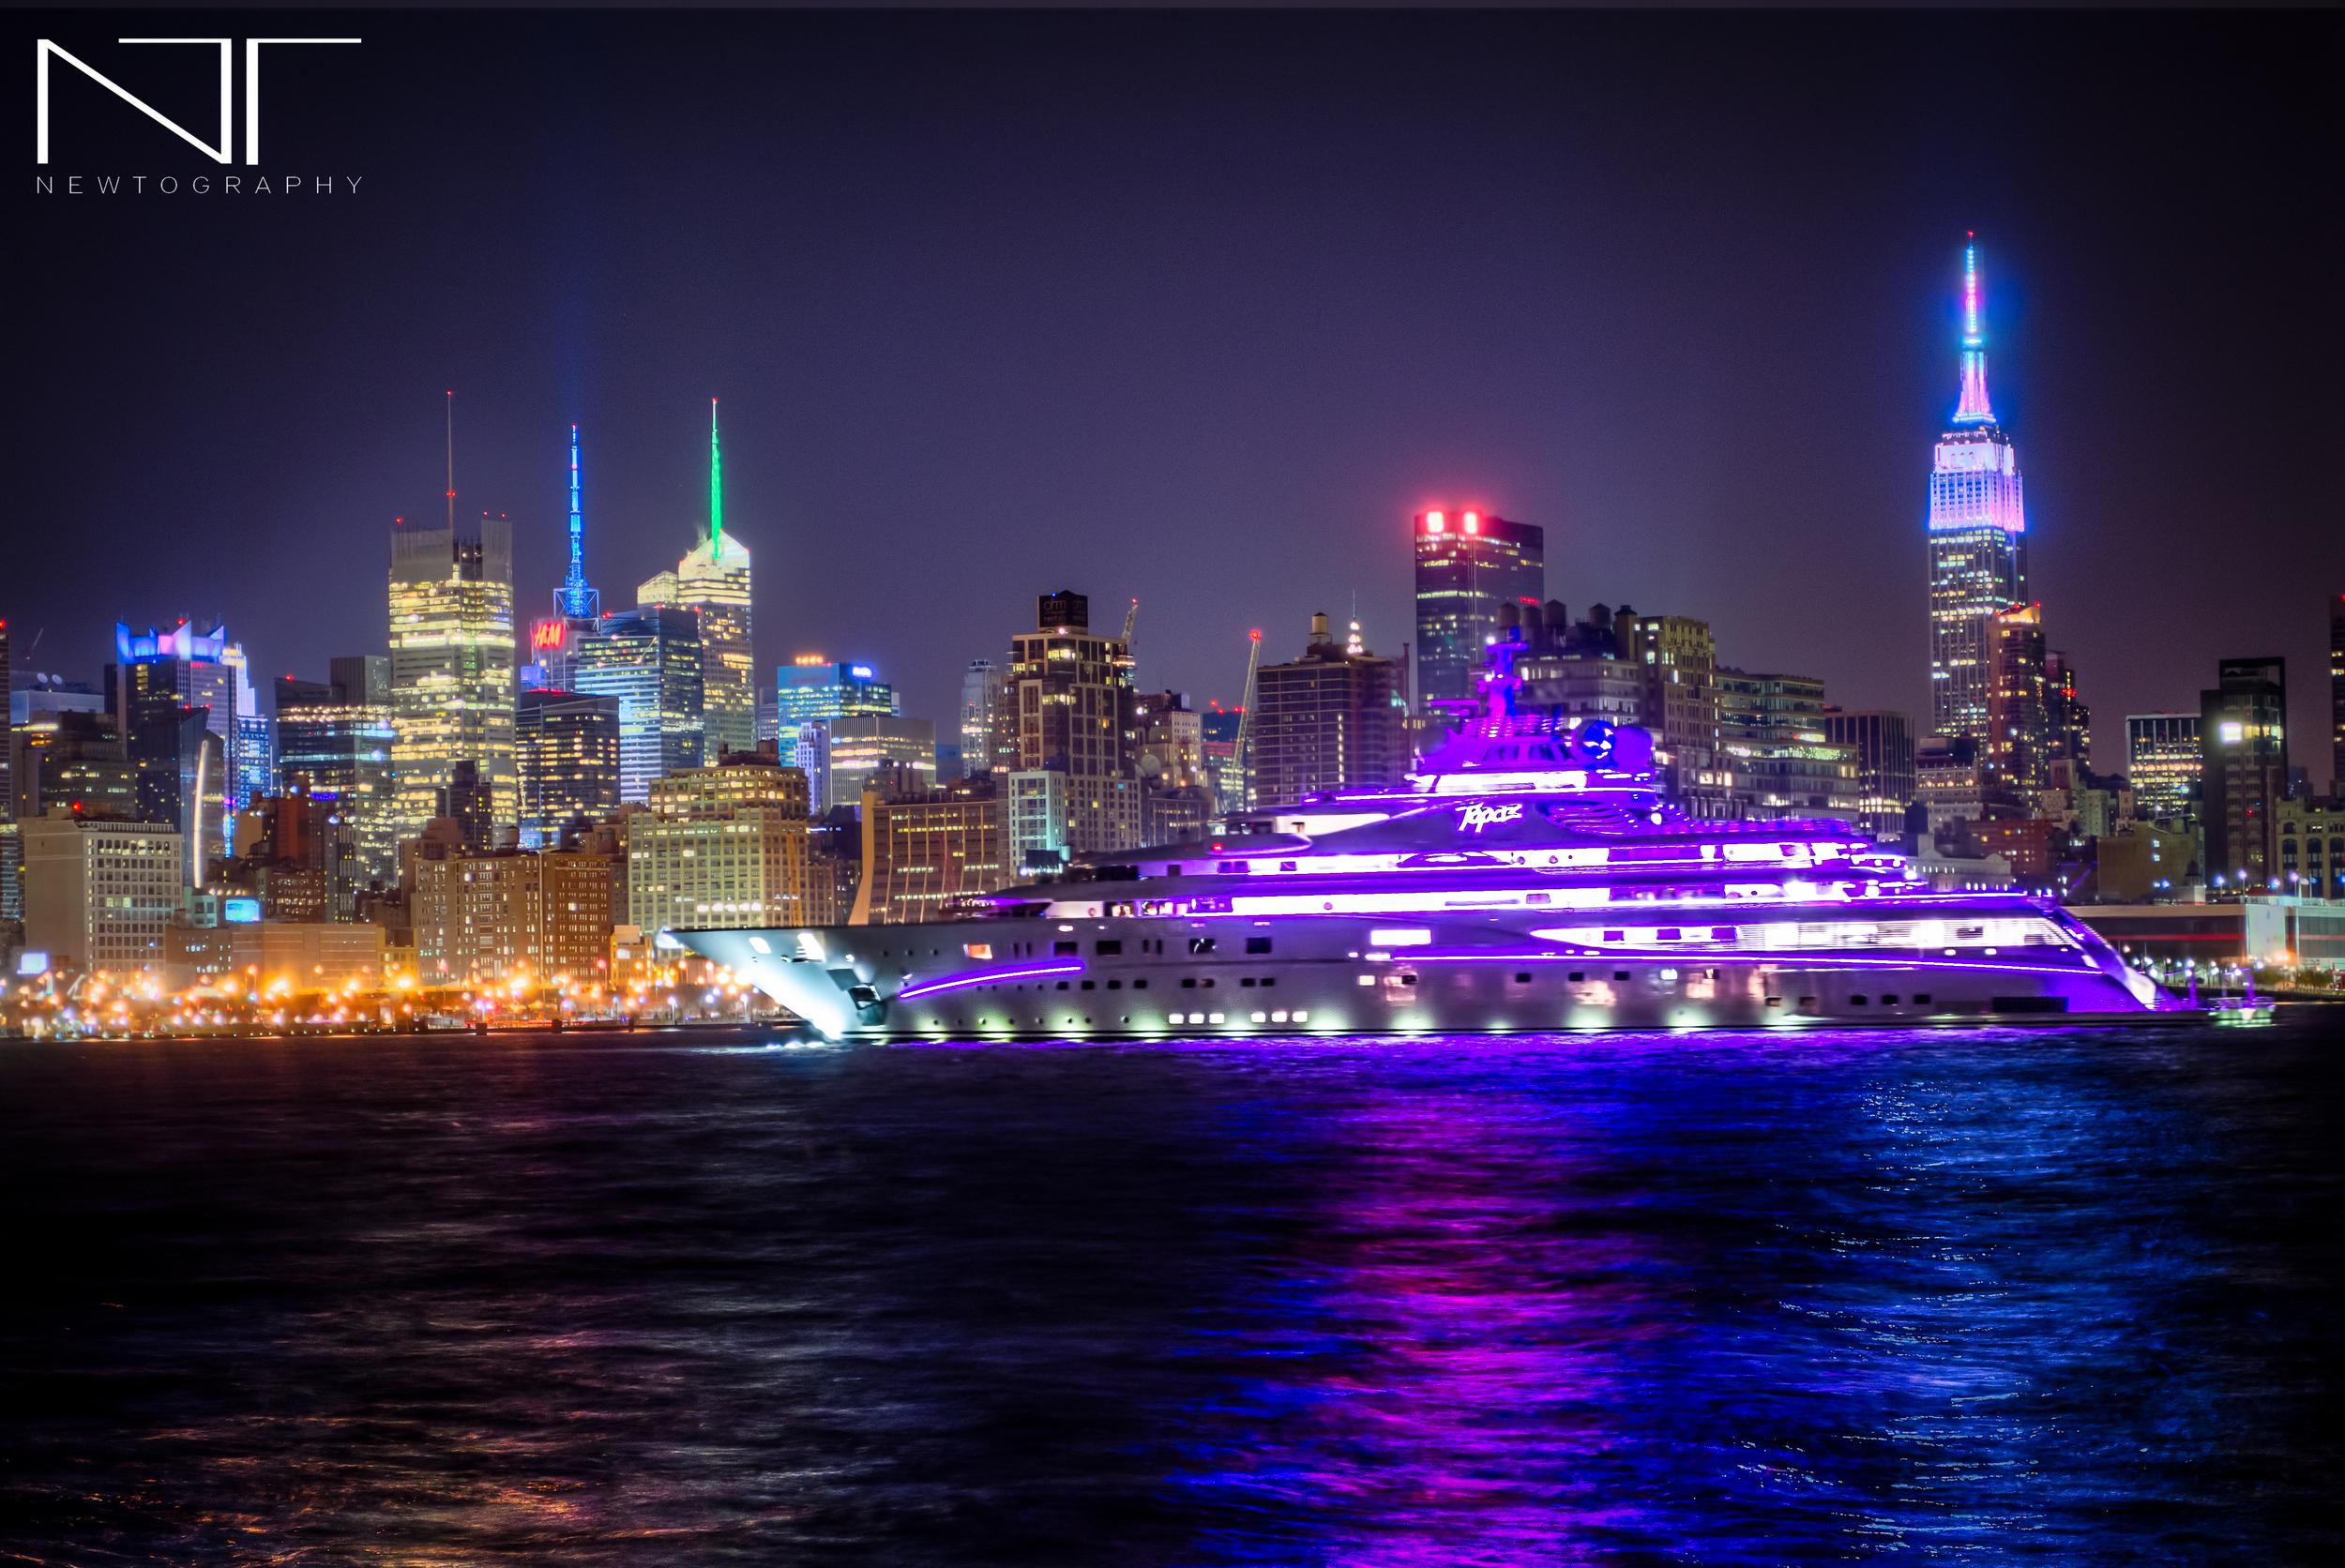 Topaz Super Yacht